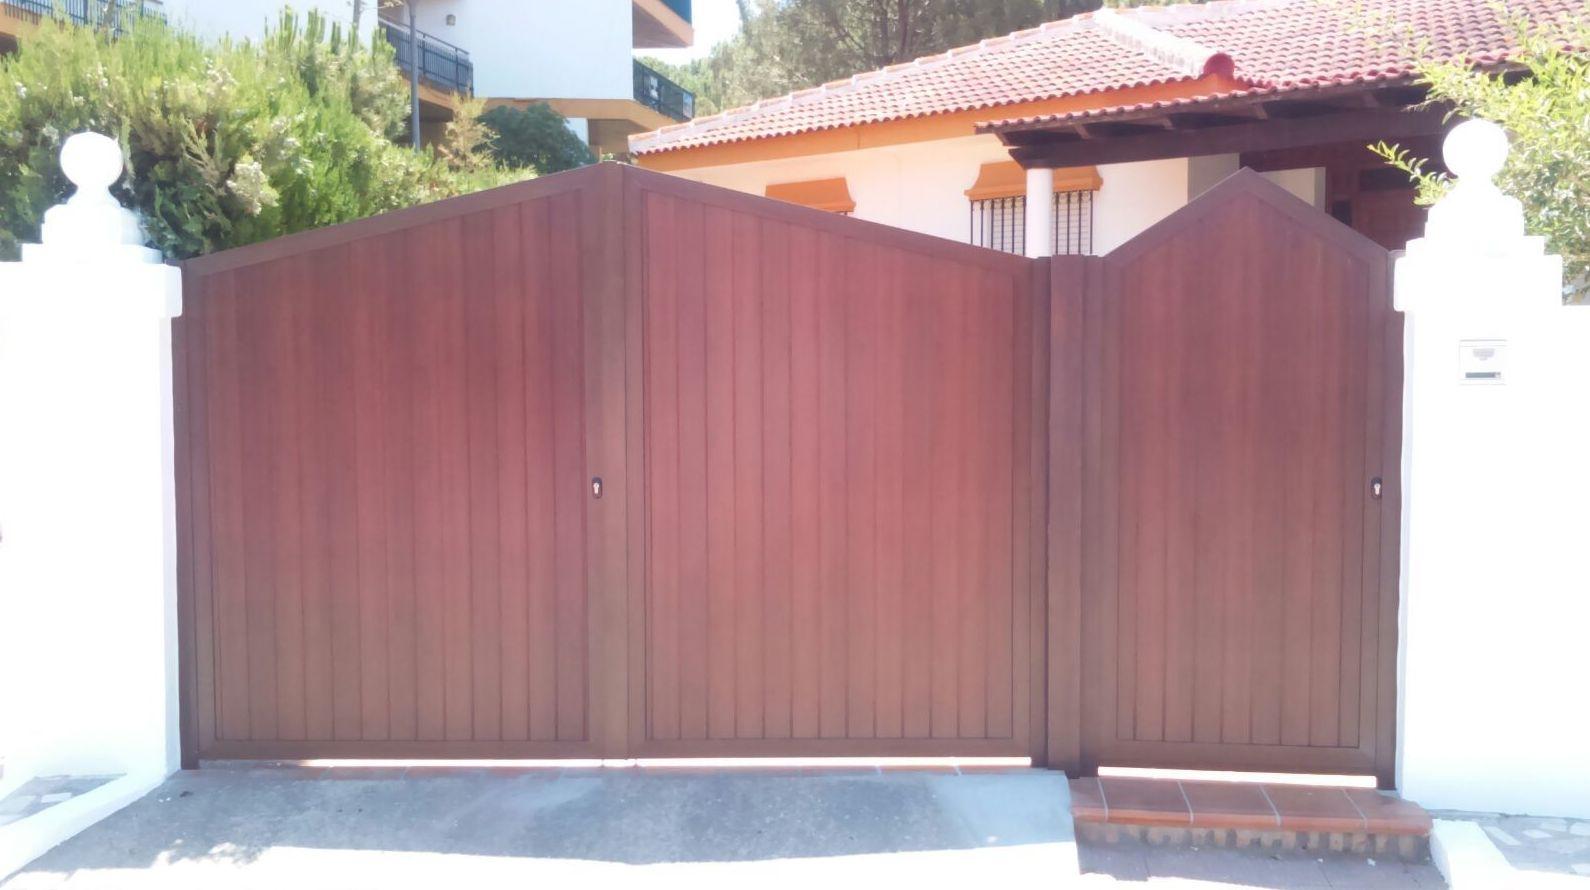 Puertas de jardin de aluminio loading zoom with puertas - Puertas de jardin de aluminio ...